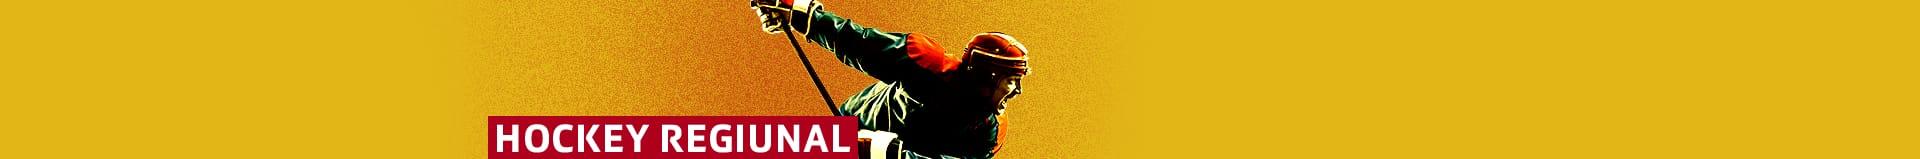 Hockey regiunal